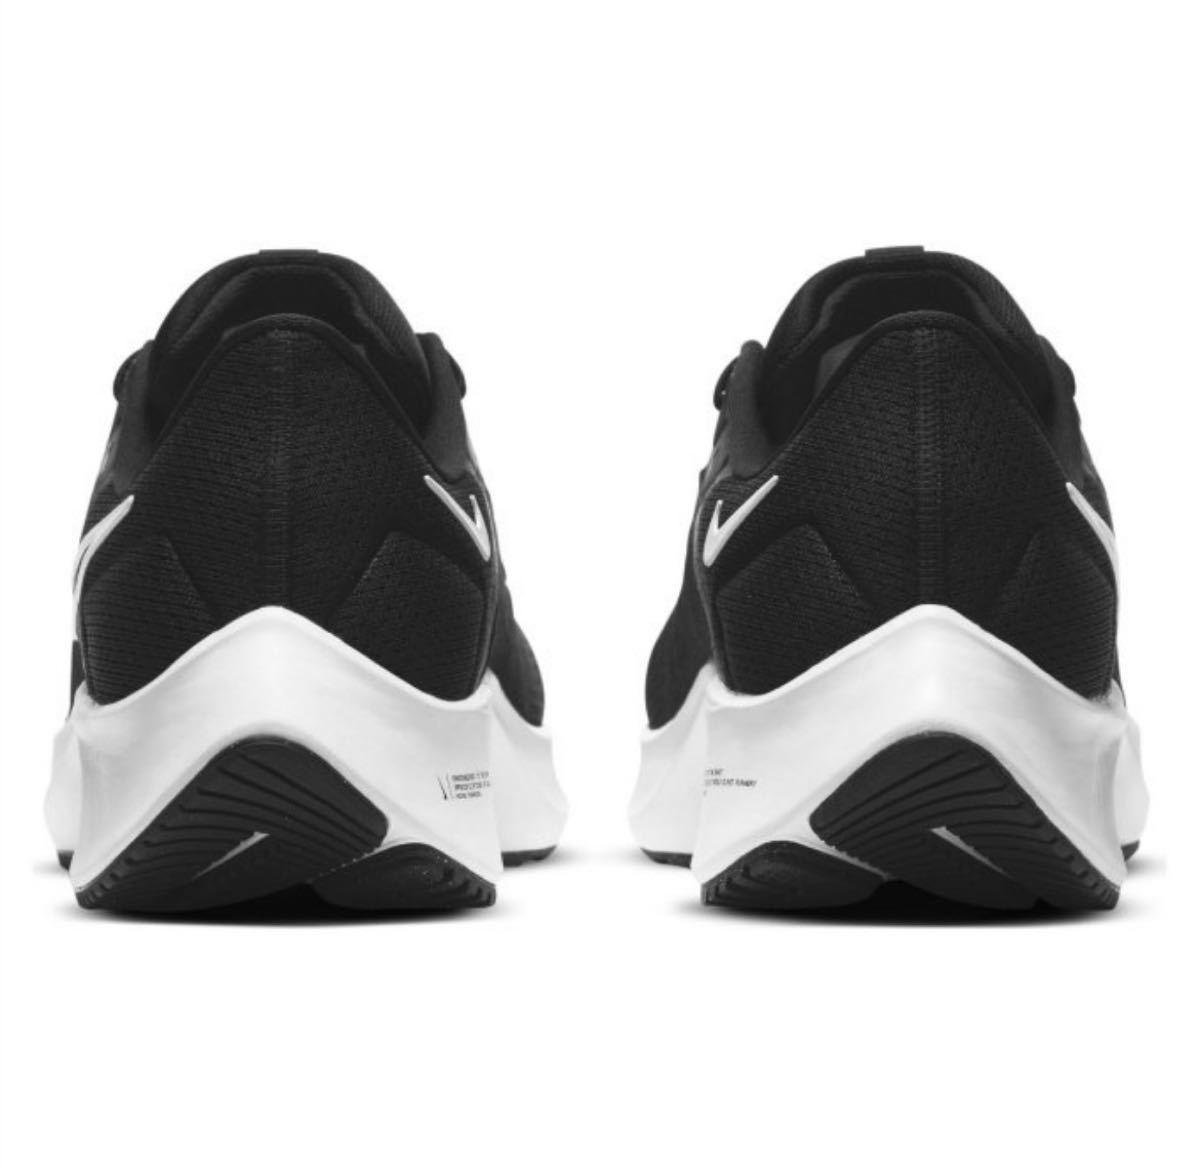 新品正規品 ナイキ ランニングシューズ メンズ エア ズーム ペガサス 38 CW7356-002 NIKE ブラック27.5cm